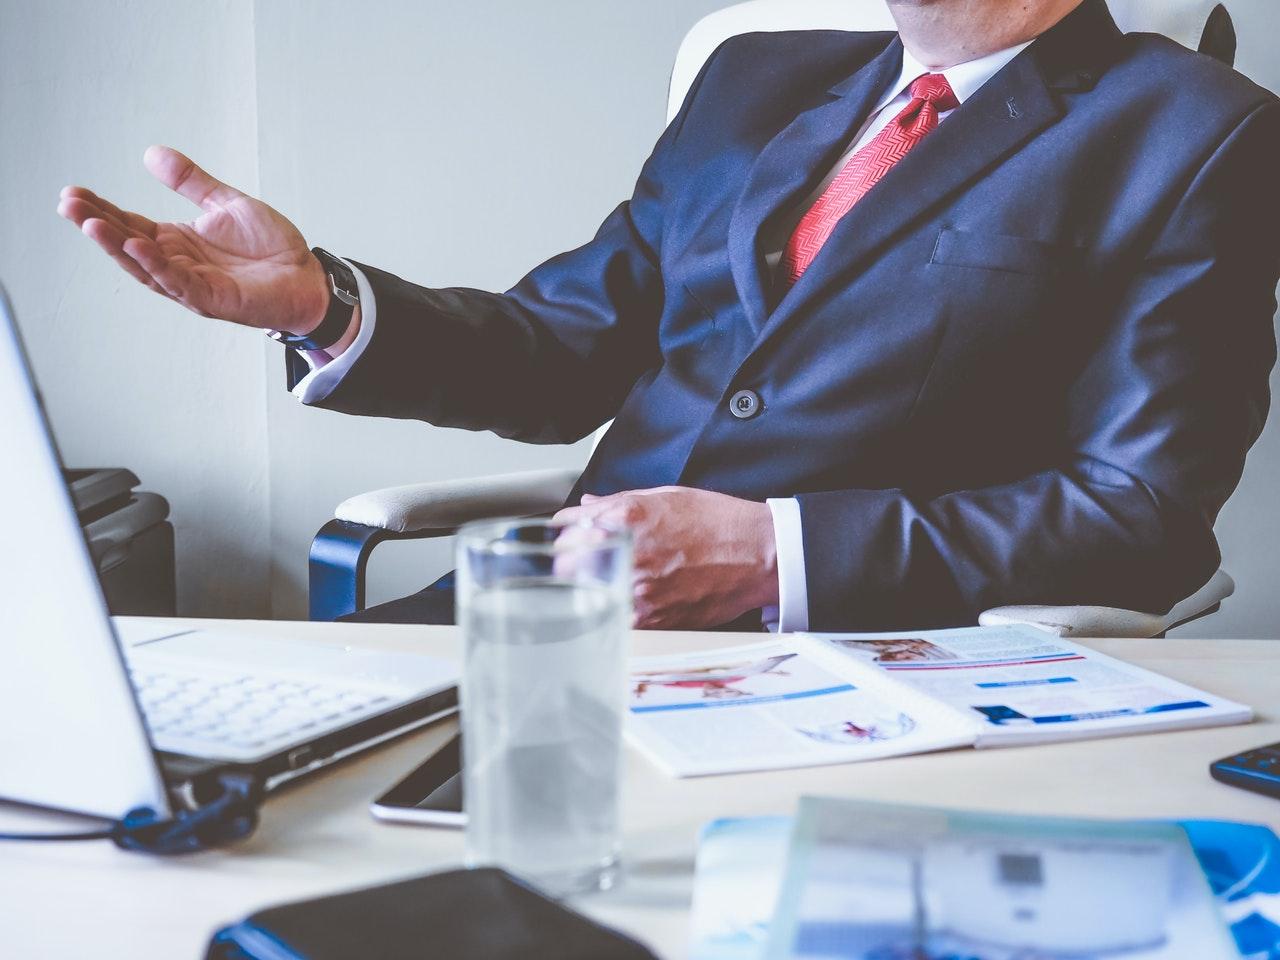 mężczyzna w garniturze siedzi przy biurku z dokumentami i otwartym laptopem, obok stoi szklanka z wodą